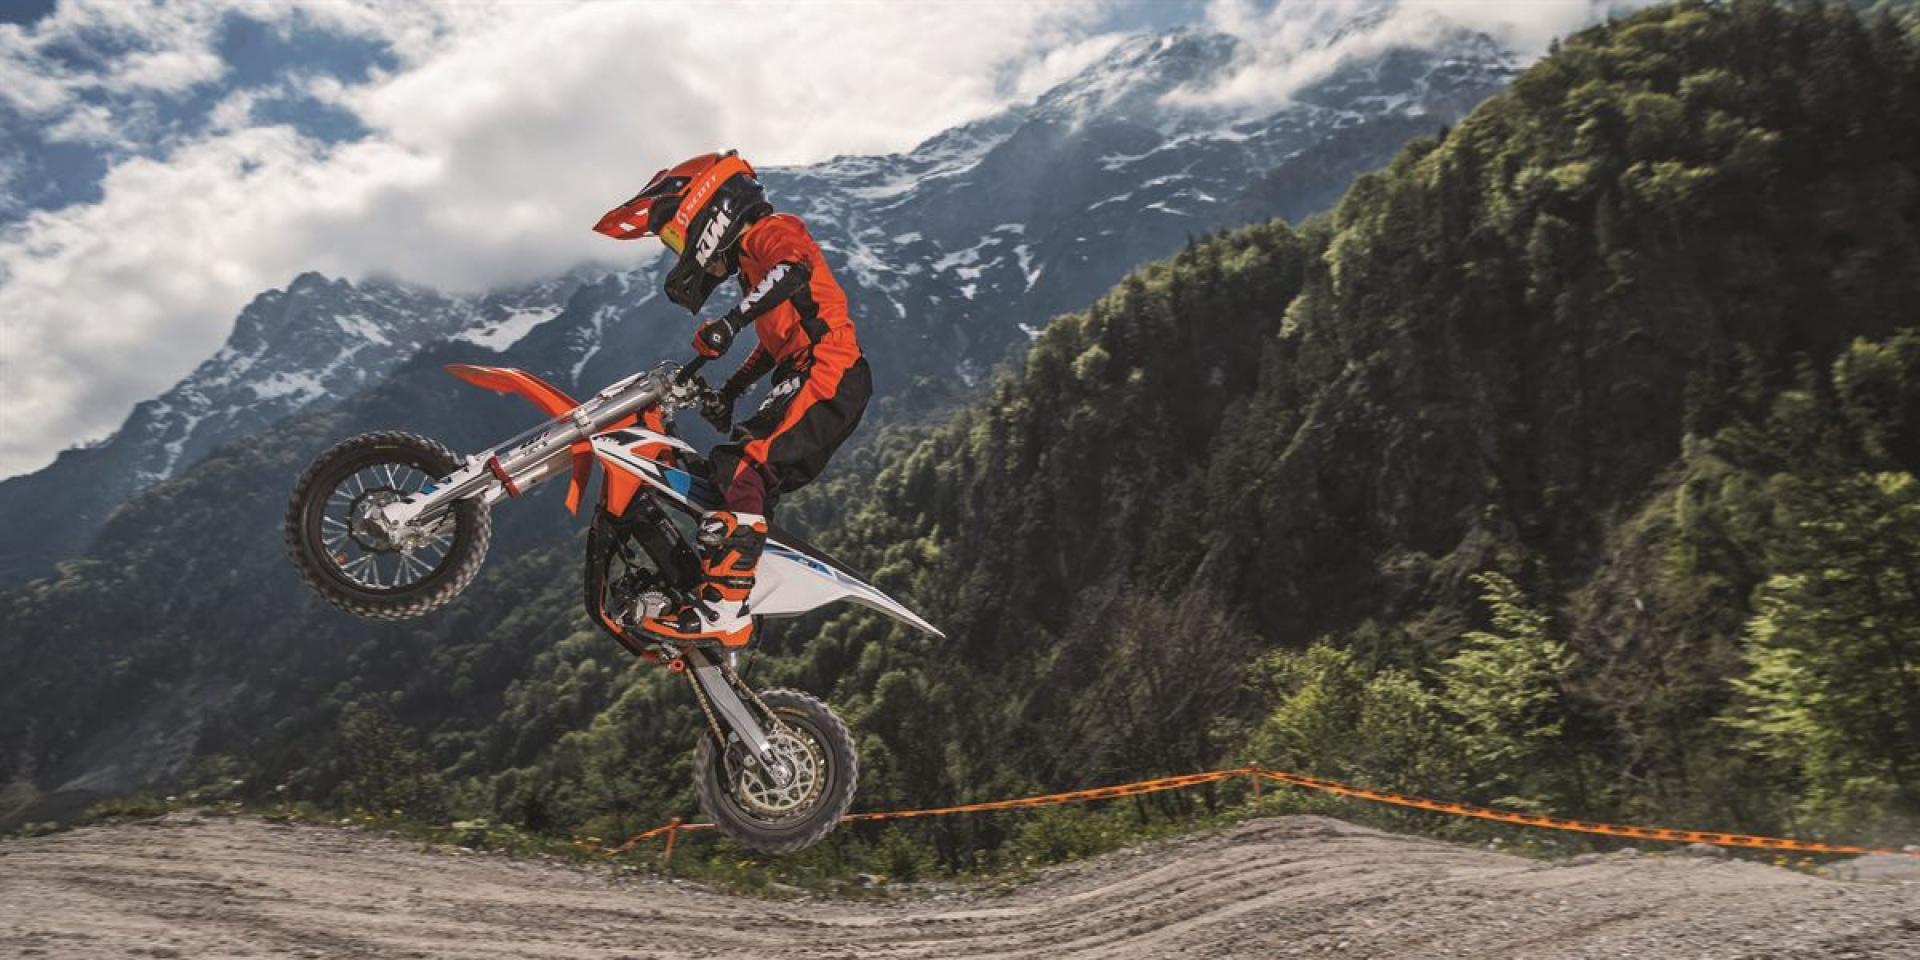 買台KTM給小孩騎吧!KTM SX-E 5 小尺寸越野車!